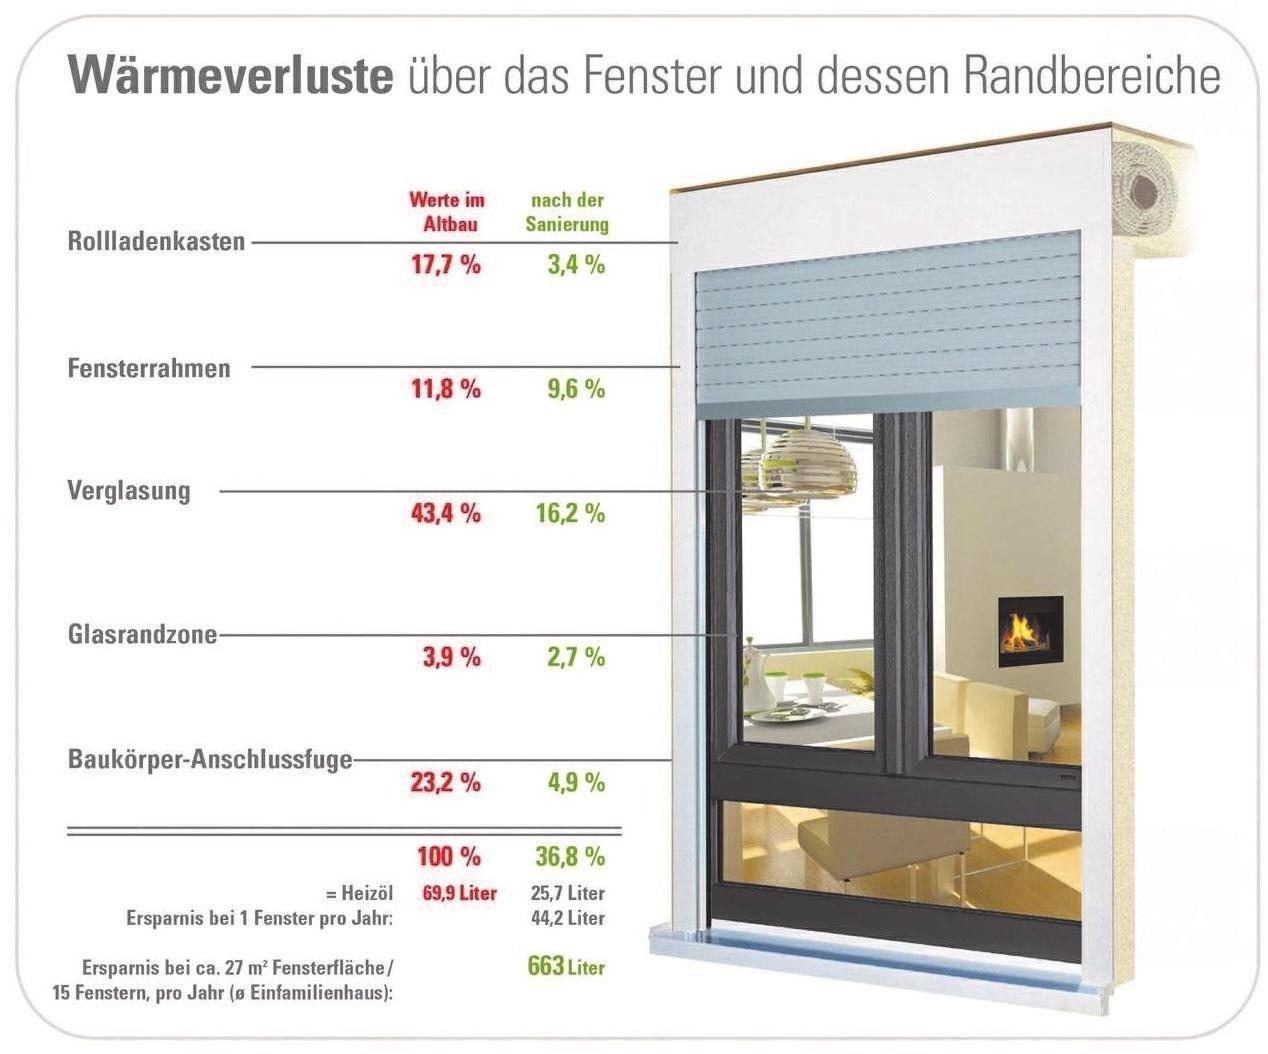 Um die 23 Prozent der Hauswärme geht allein durch die Baukörper-Anschlussfuge verloren. Erst wenn die neuen Fenster einen ebenbürtigenWandanschluss erhalten, werden Energieverluste wirksam eingedämmt. Foto: gay